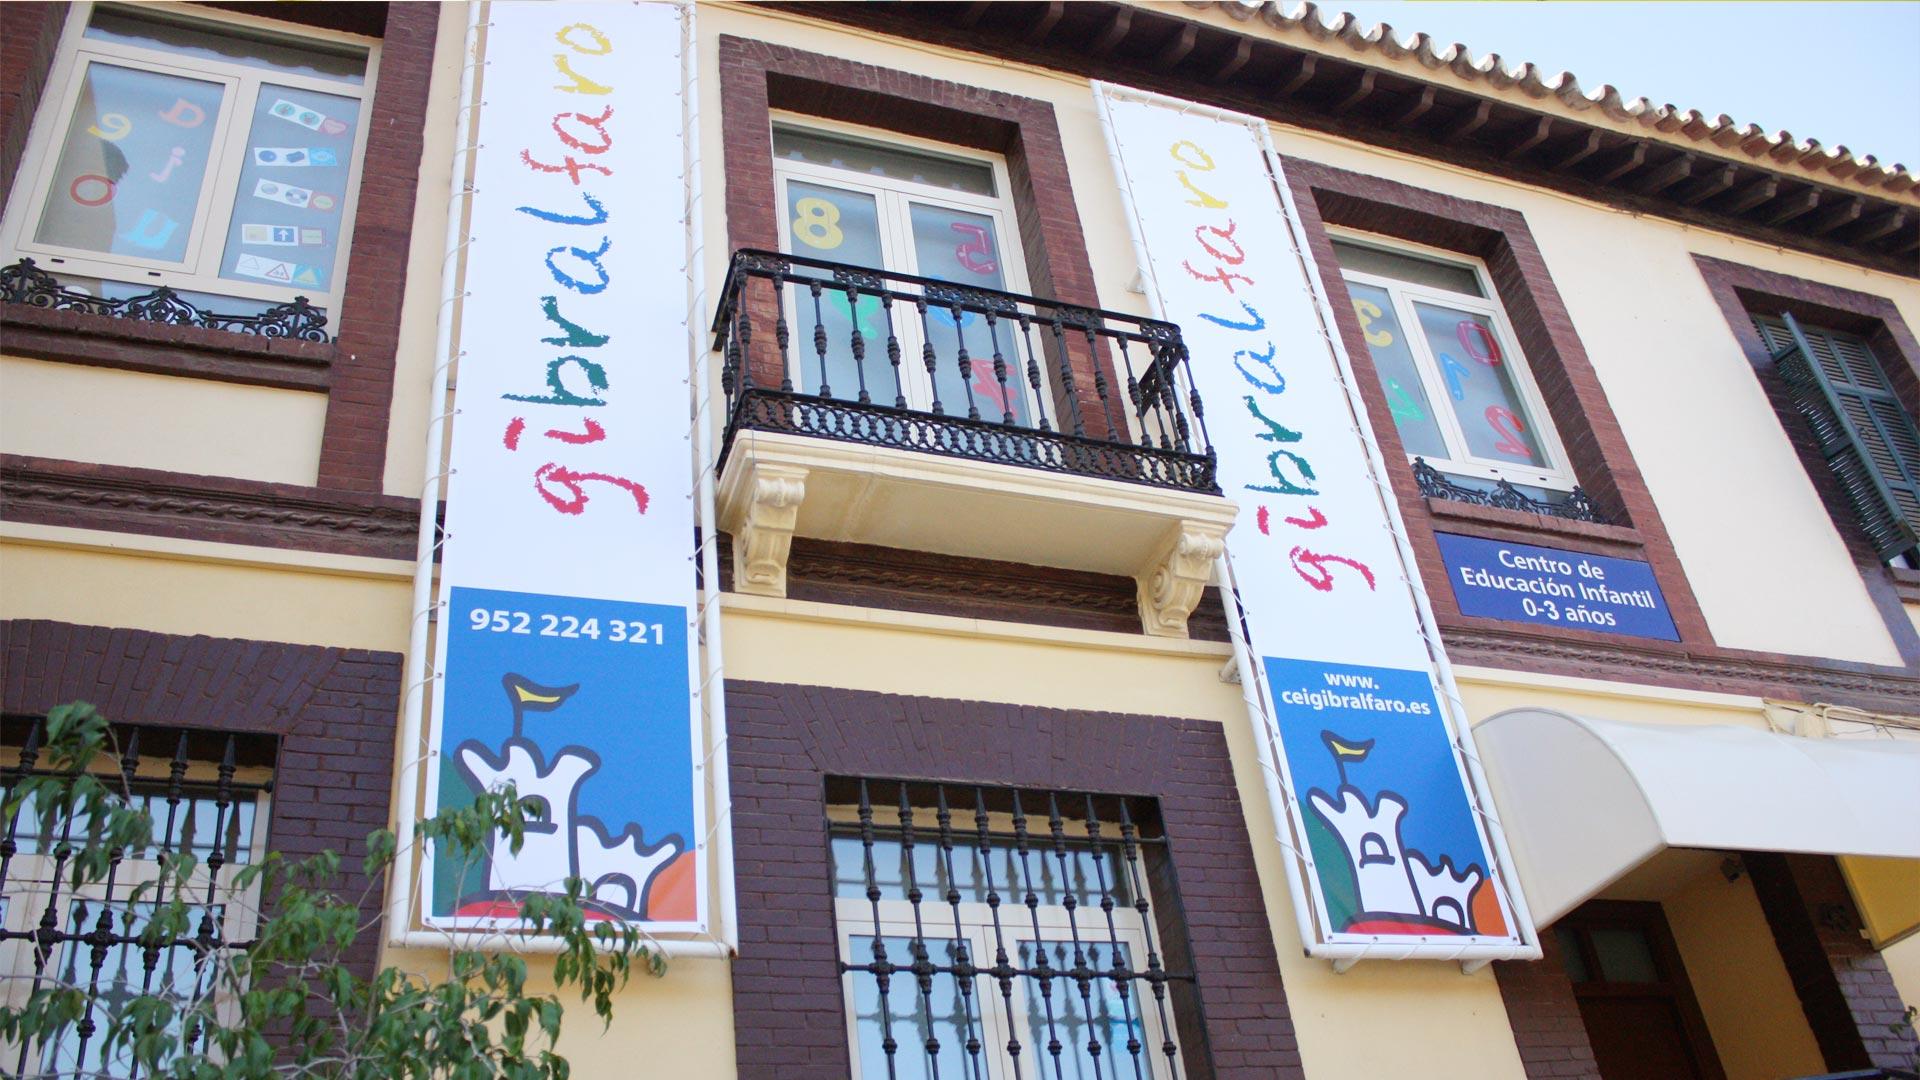 Fachada - Imagen de galería del Centro de Educación Infantil Gibralfaro